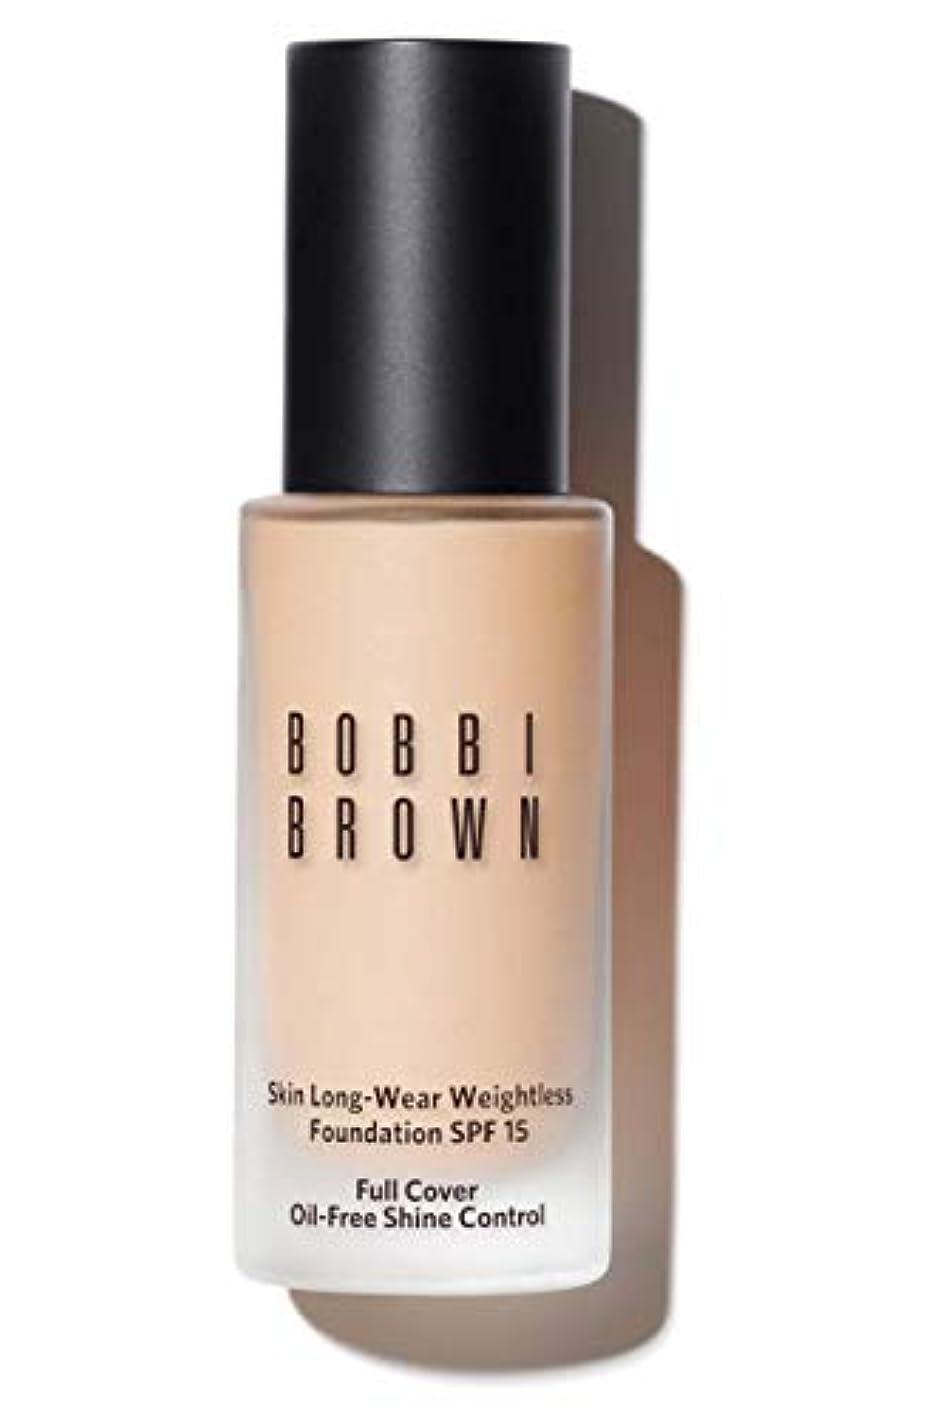 復活する周術期でるボビイ ブラウン Skin Long Wear Weightless Foundation SPF 15 - # Porcelain 30ml/1oz並行輸入品